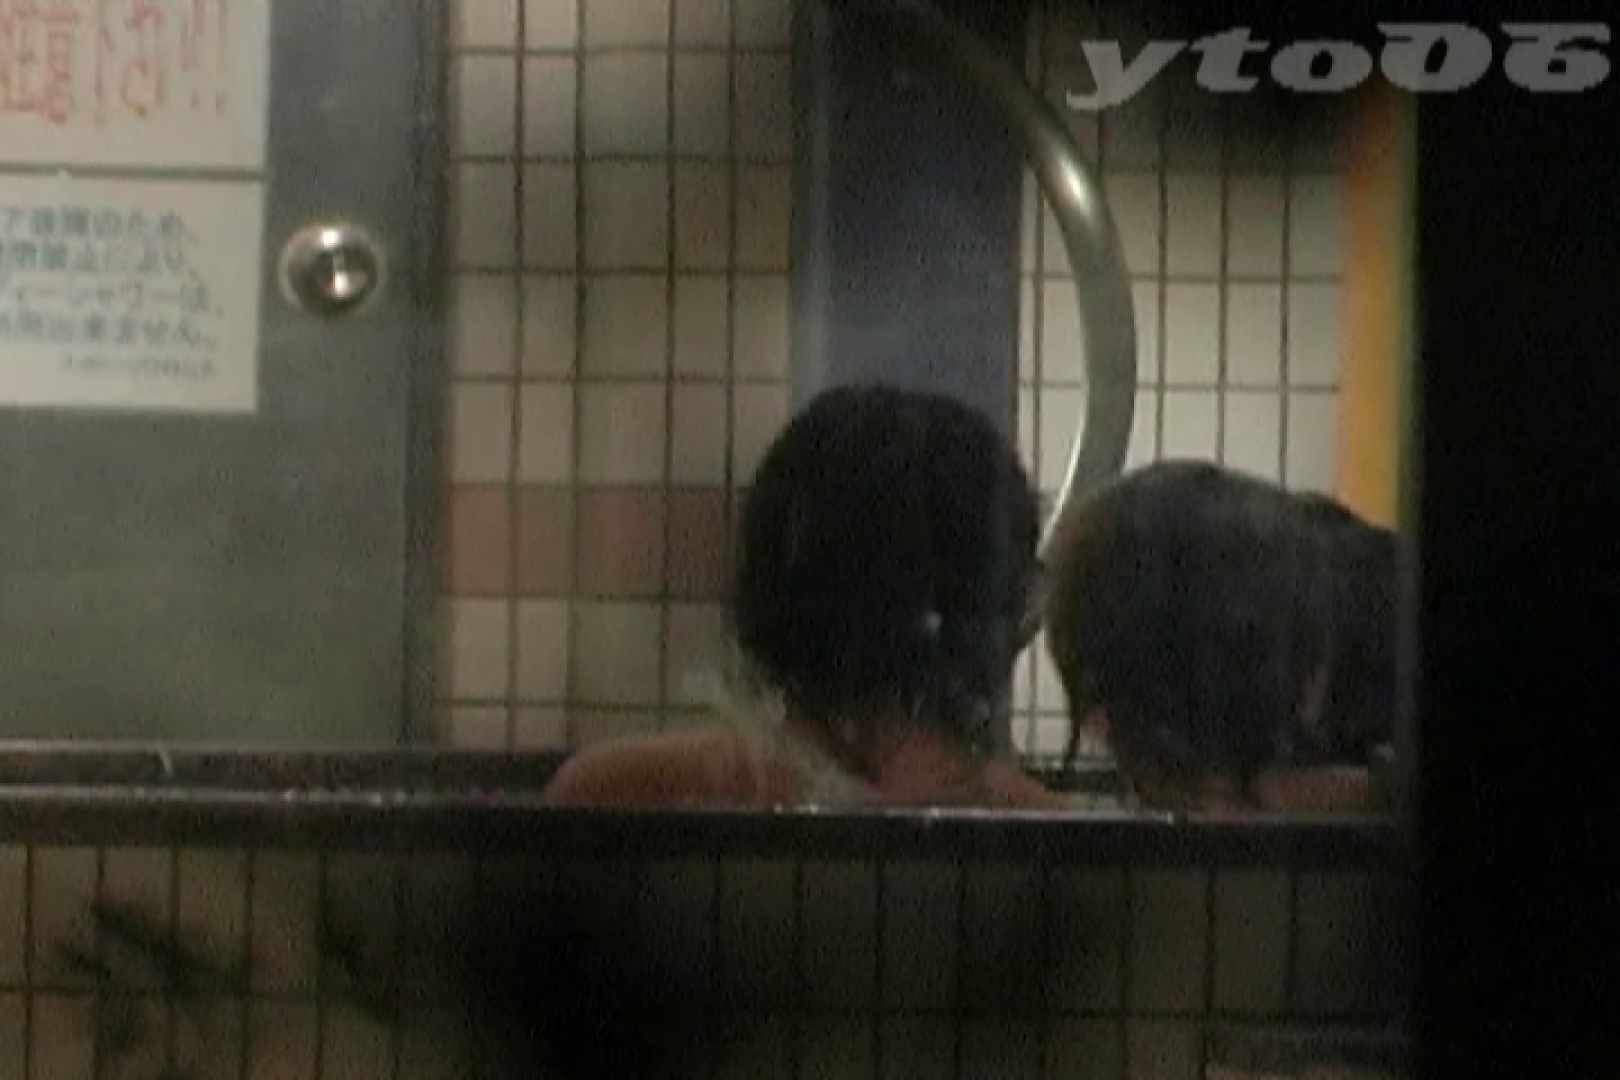 ▲復活限定▲合宿ホテル女風呂盗撮 Vol.34 盗撮 盗み撮り動画キャプチャ 63pic 14